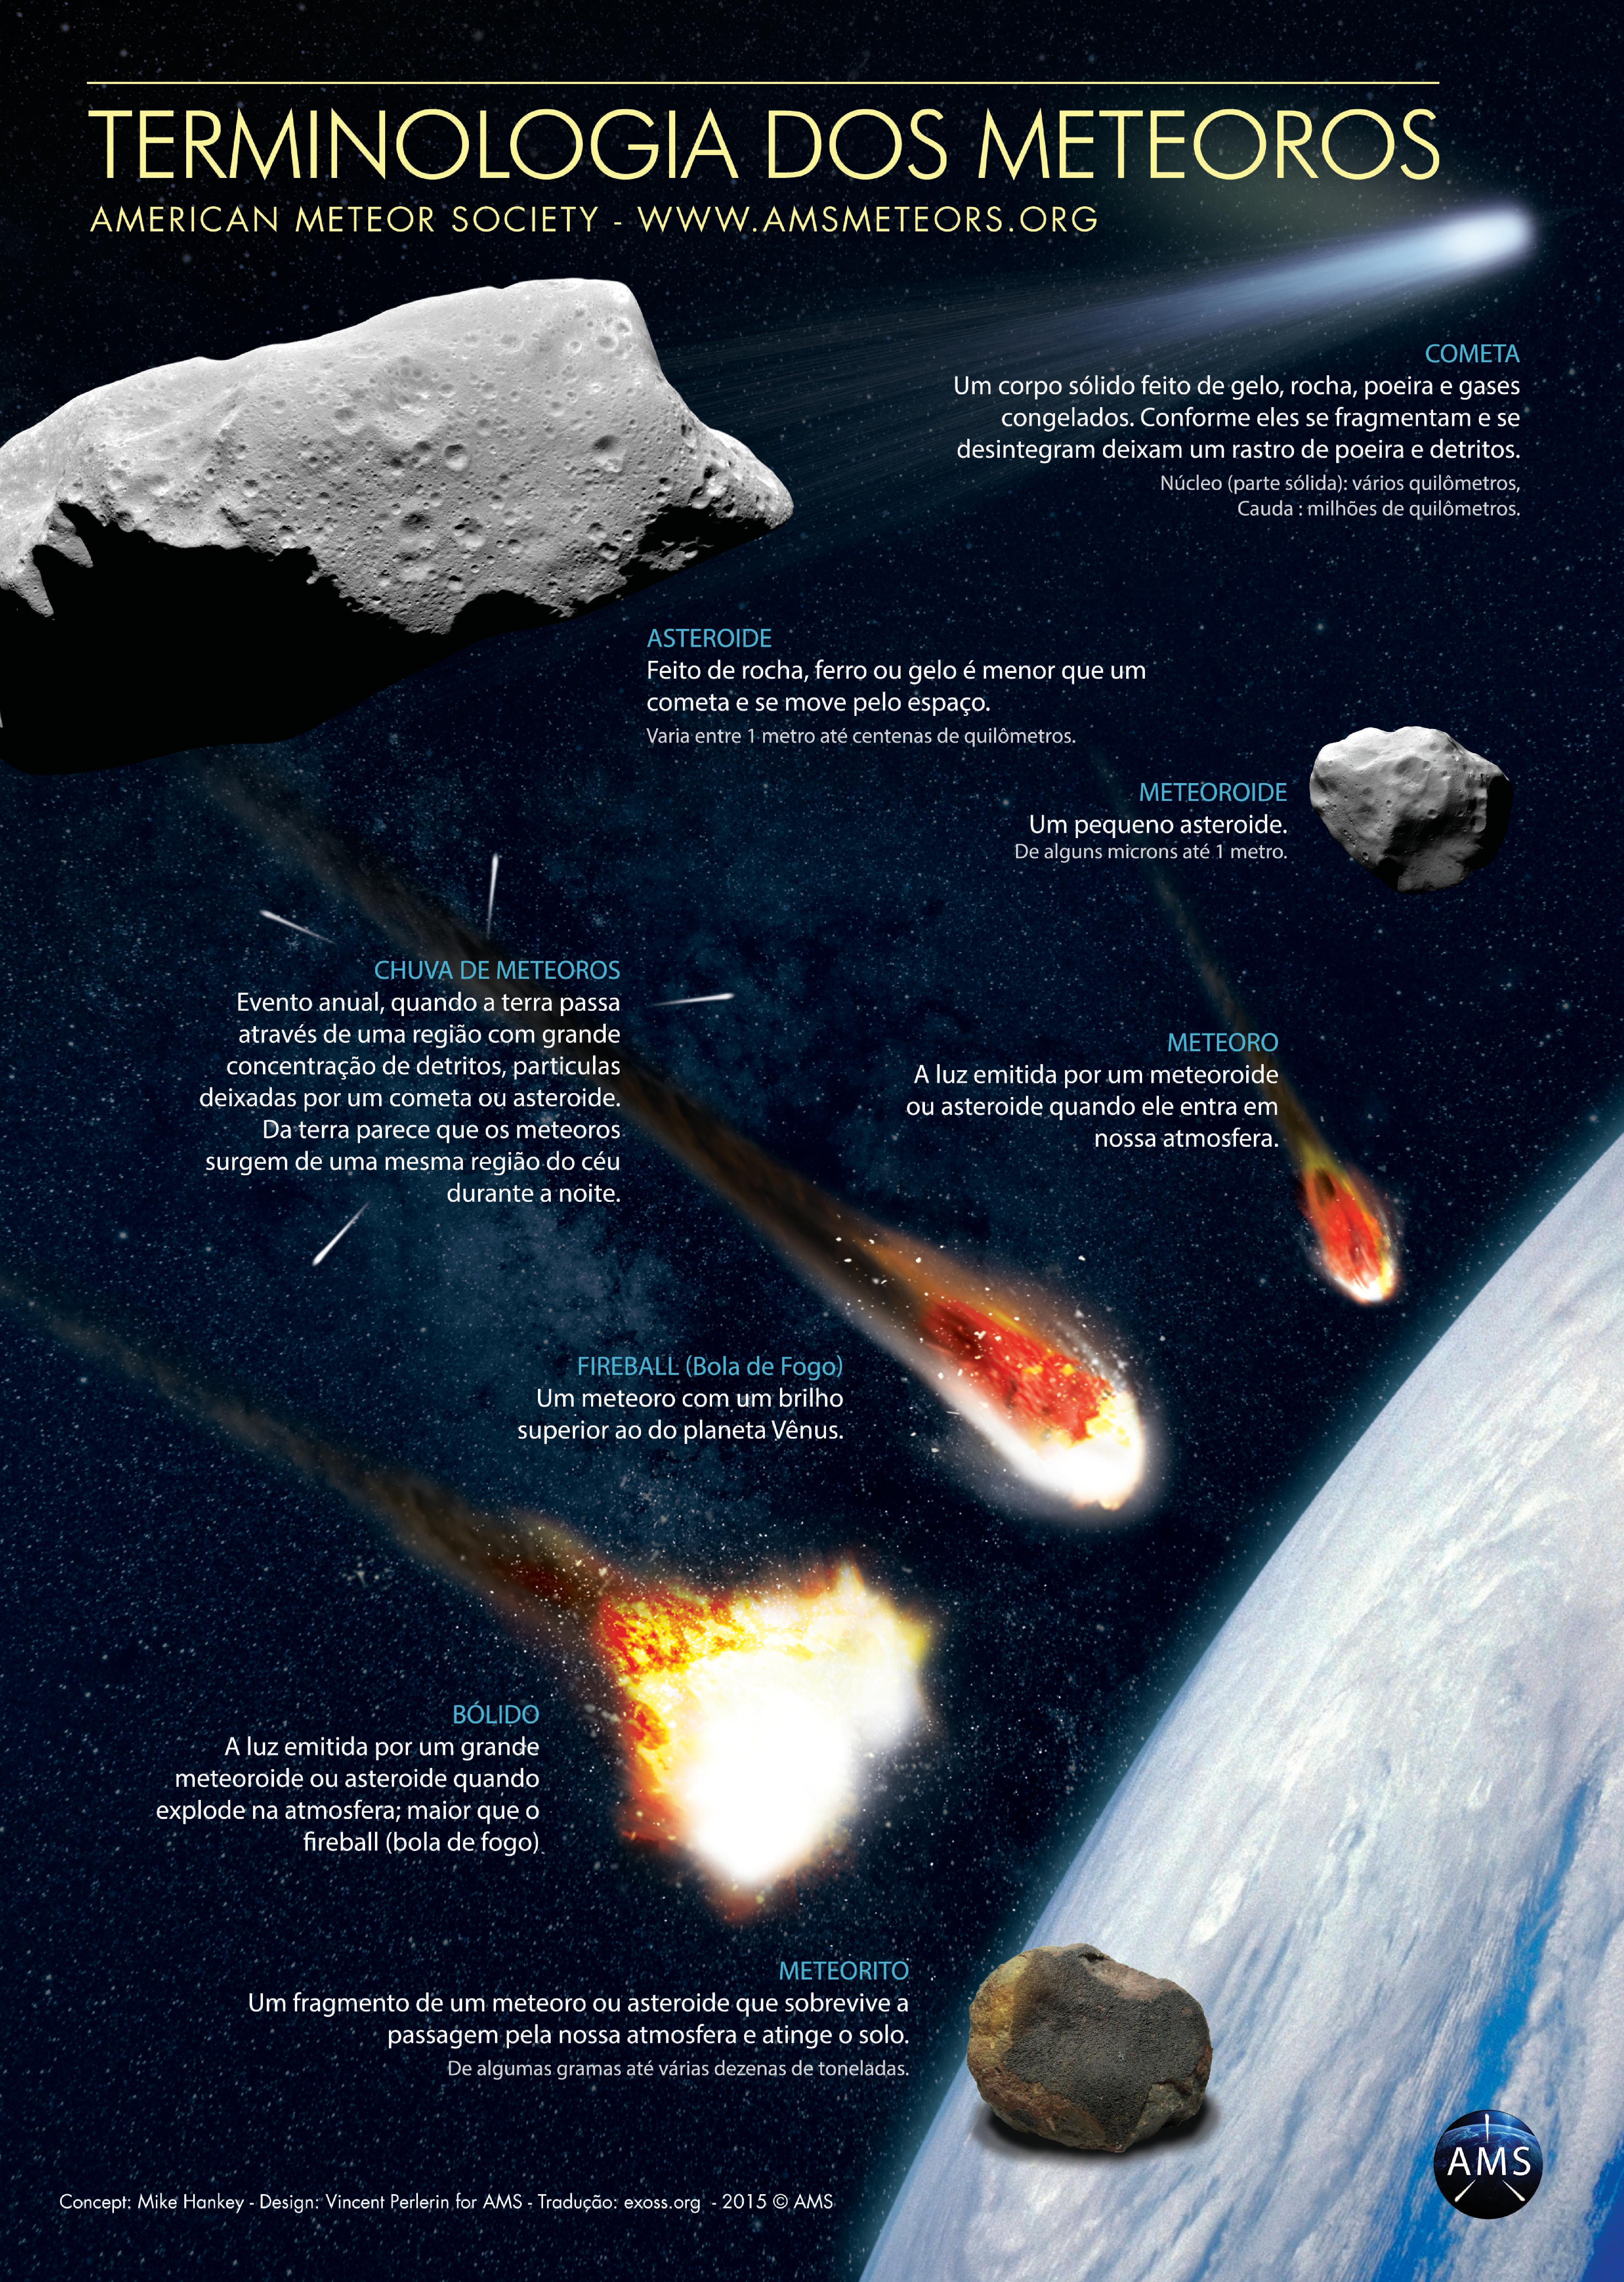 Terminologia dos meteoros em portugues